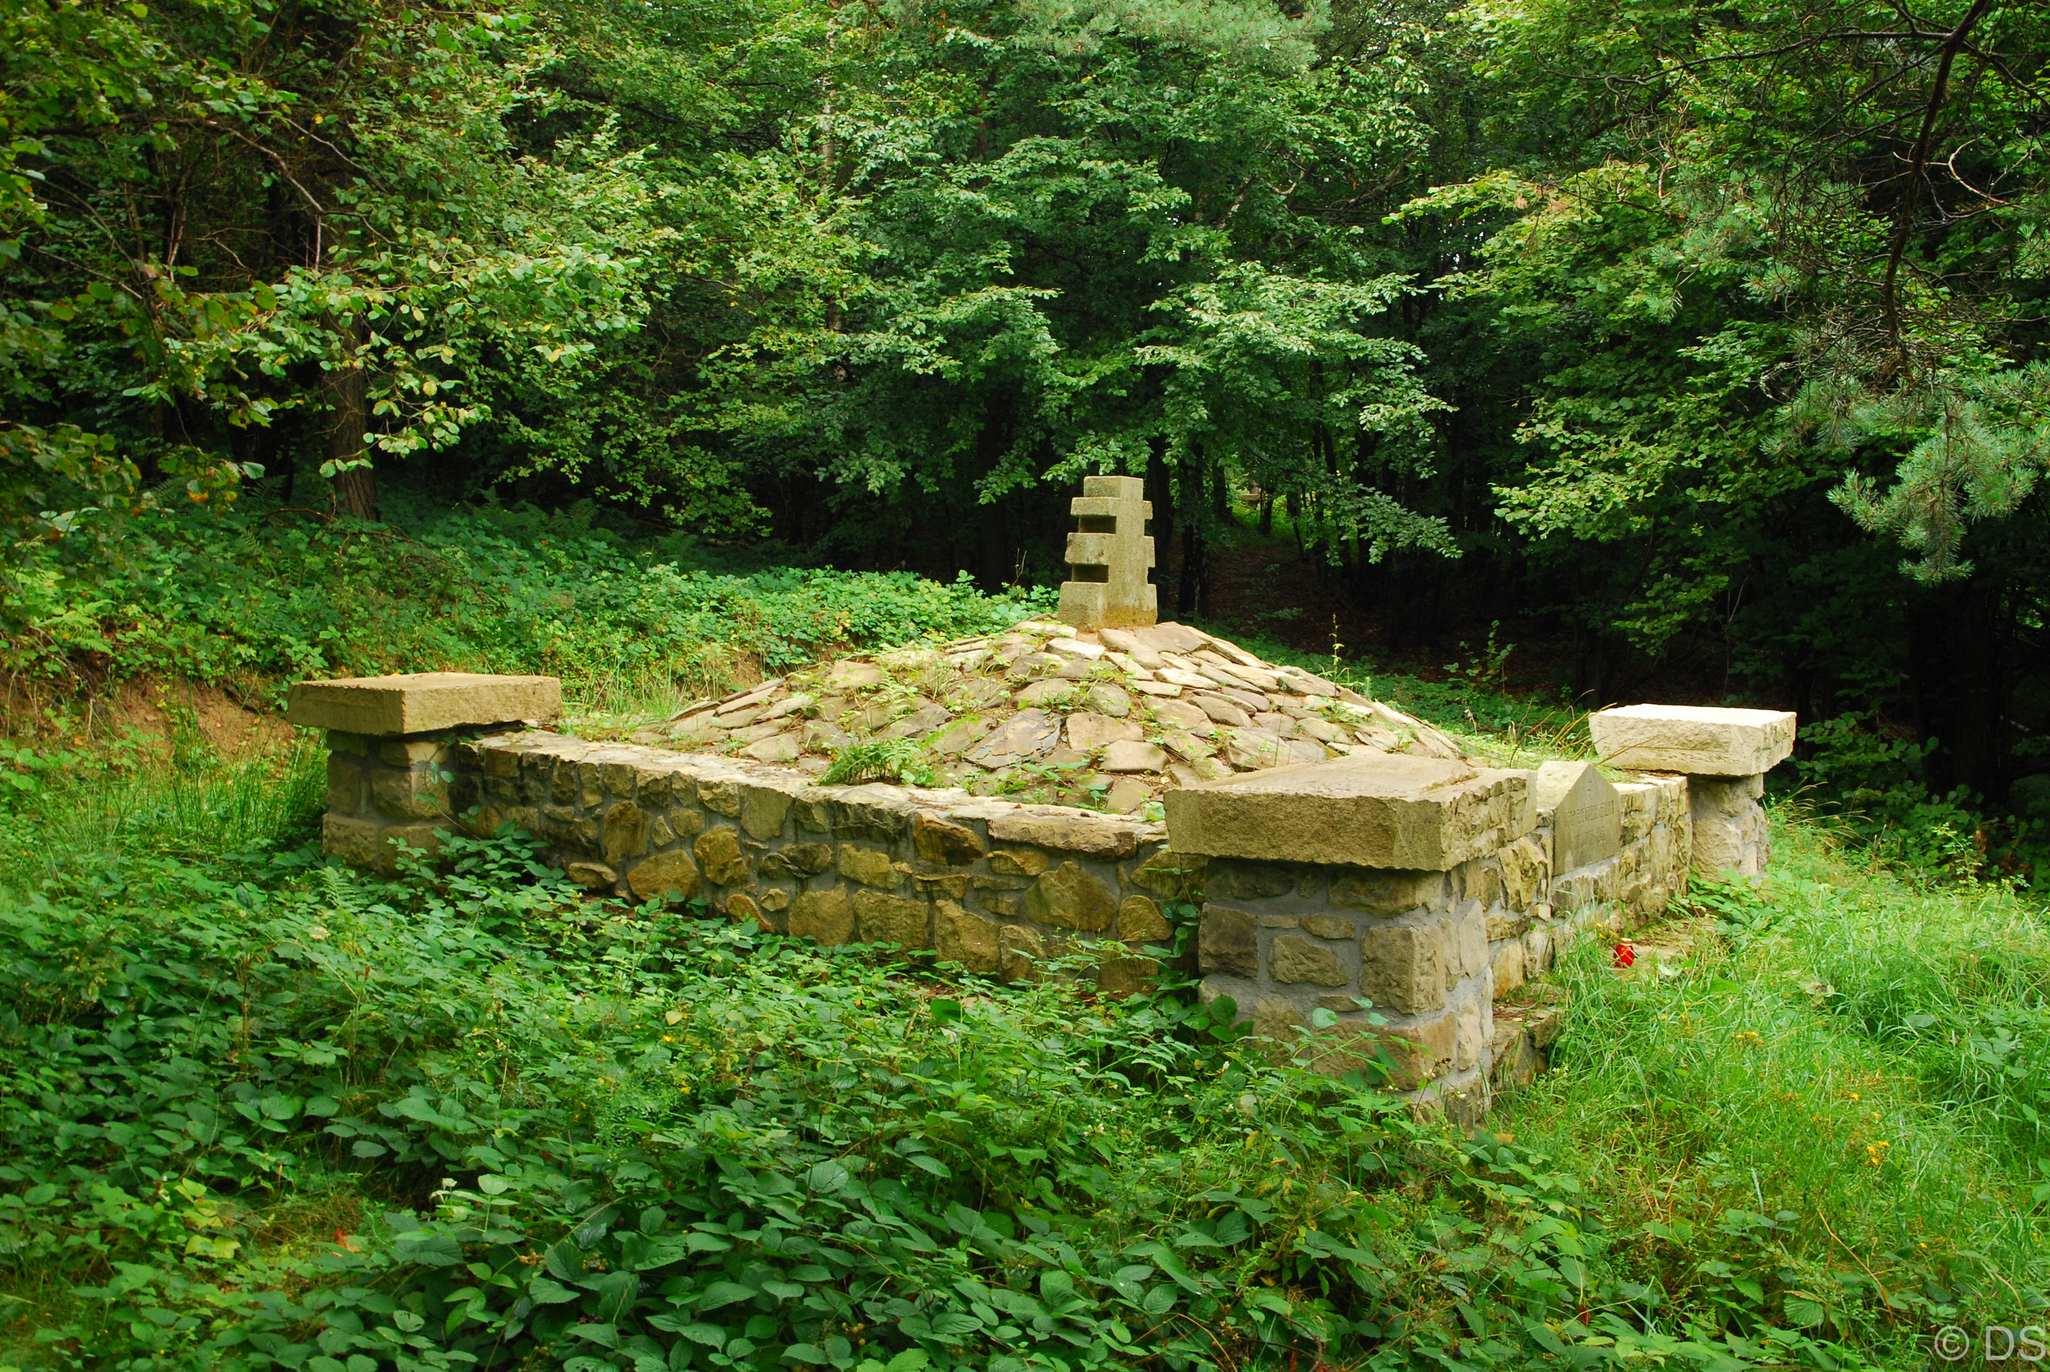 Cmentarz nr 2 - Ożenna